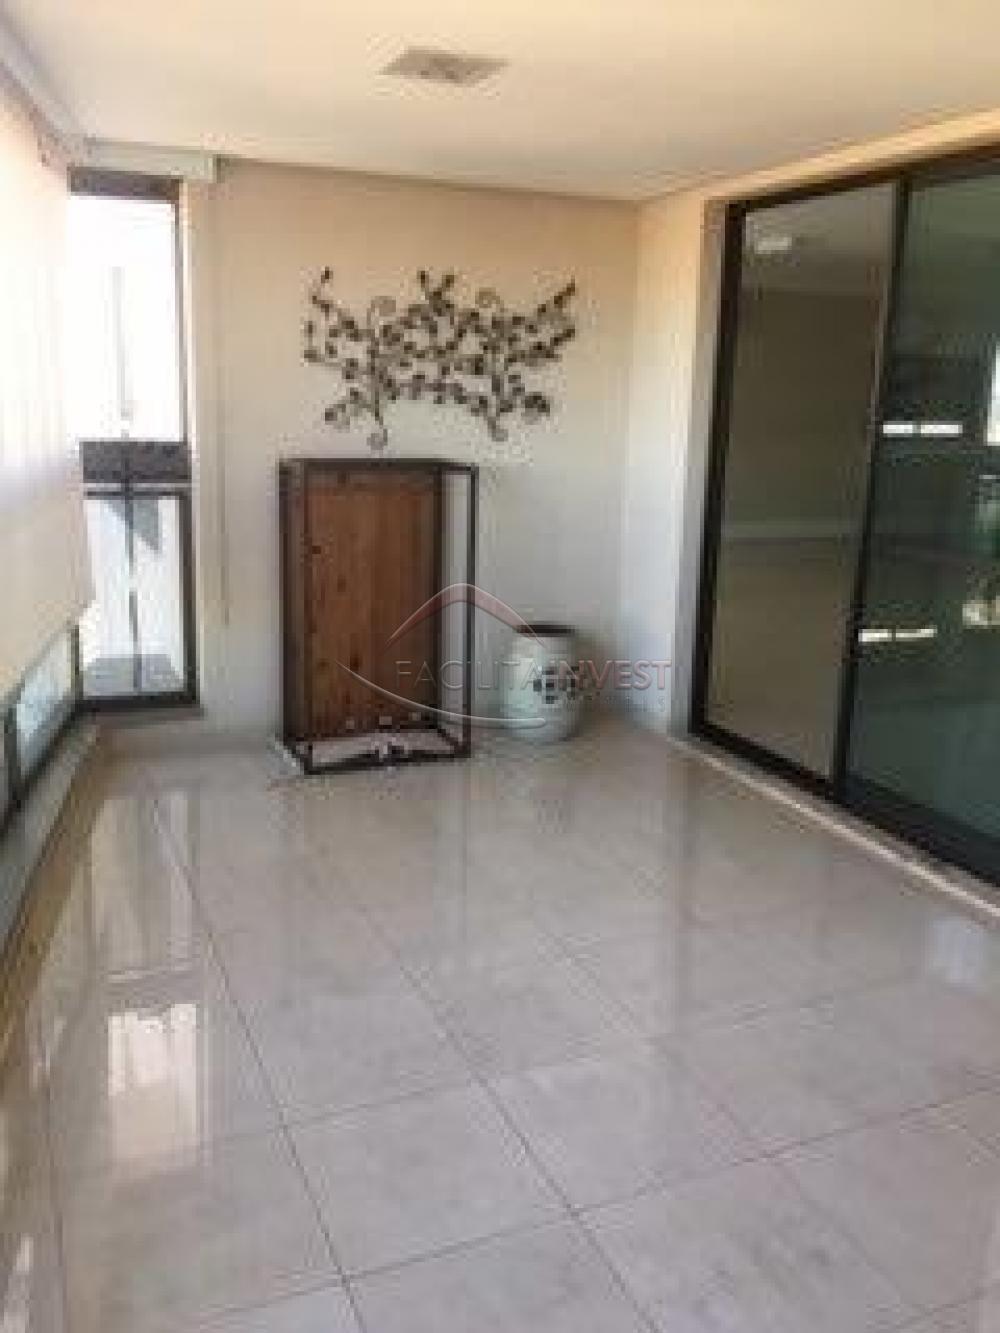 Comprar Apartamentos / Apart. Padrão em Ribeirão Preto apenas R$ 1.600.000,00 - Foto 3